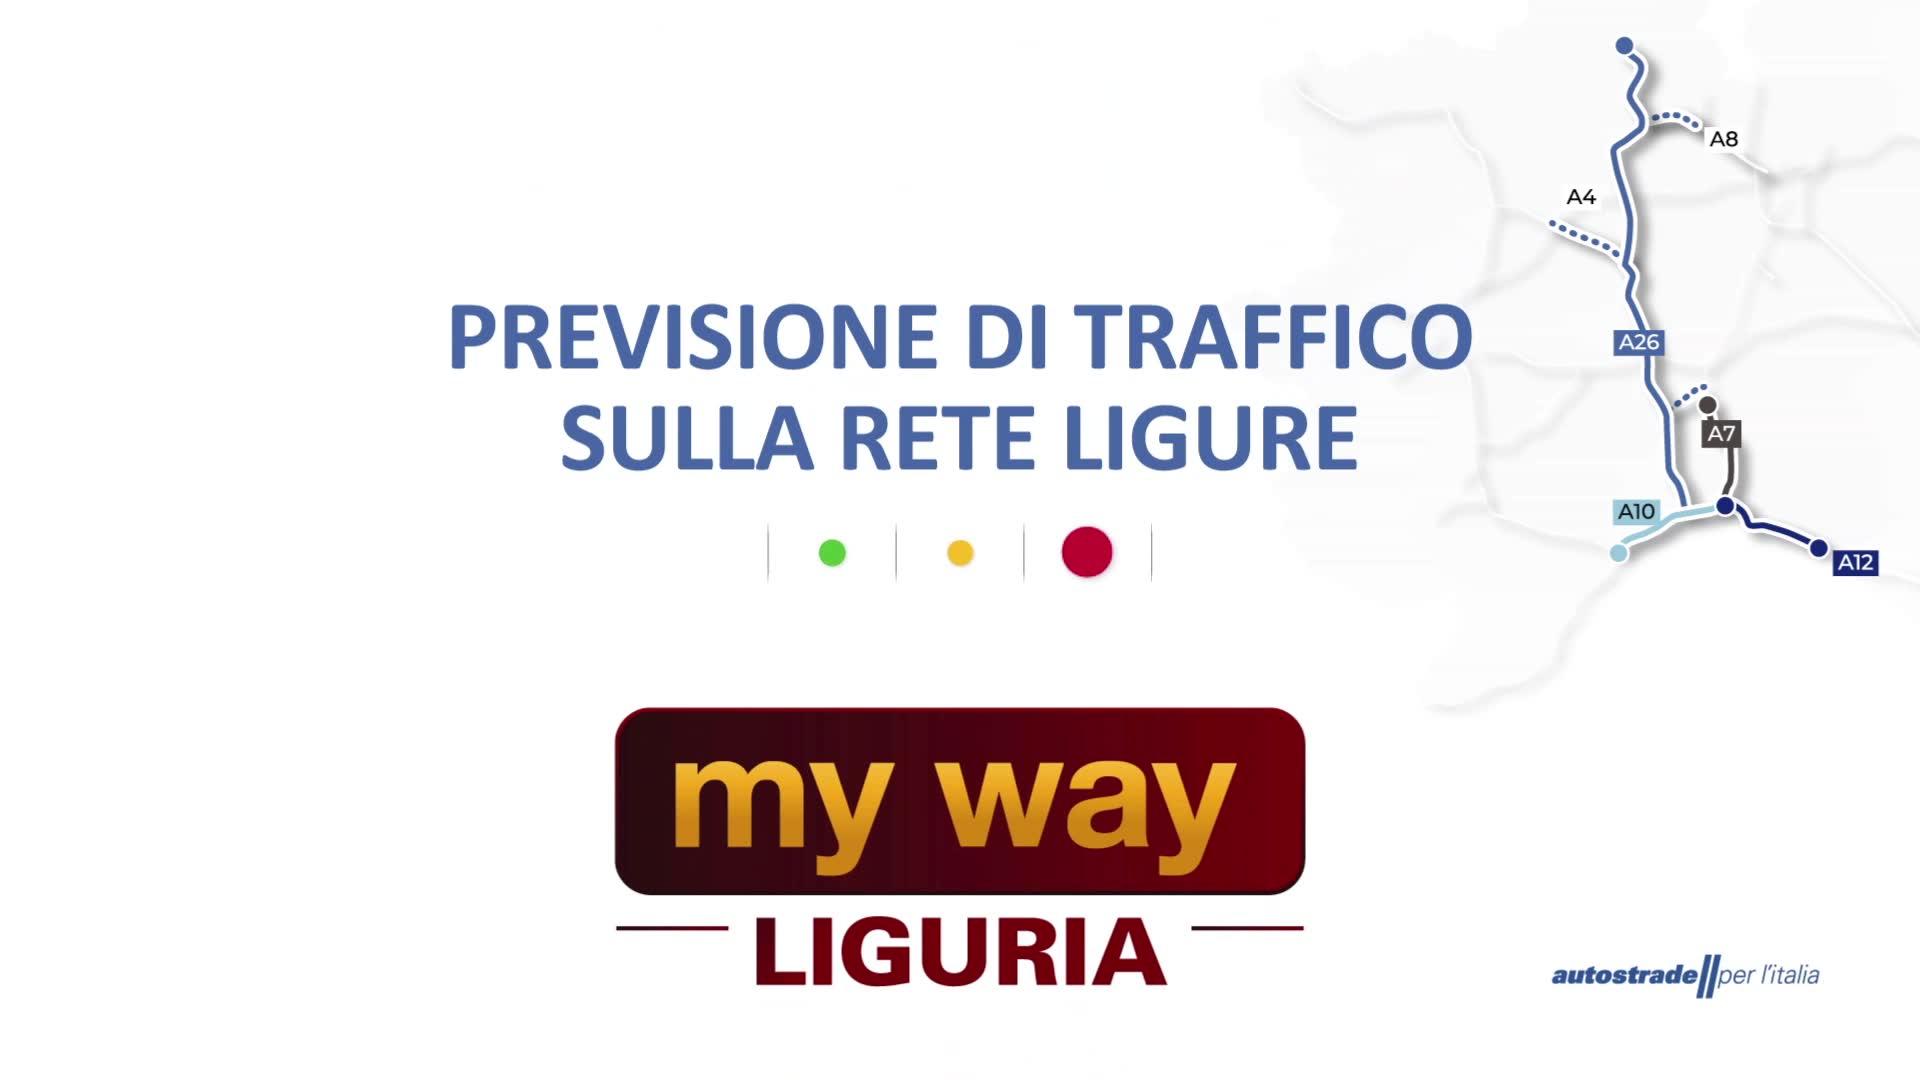 Le previsioni di traffico sulle autostrade della Liguria per venerdì 30 luglio